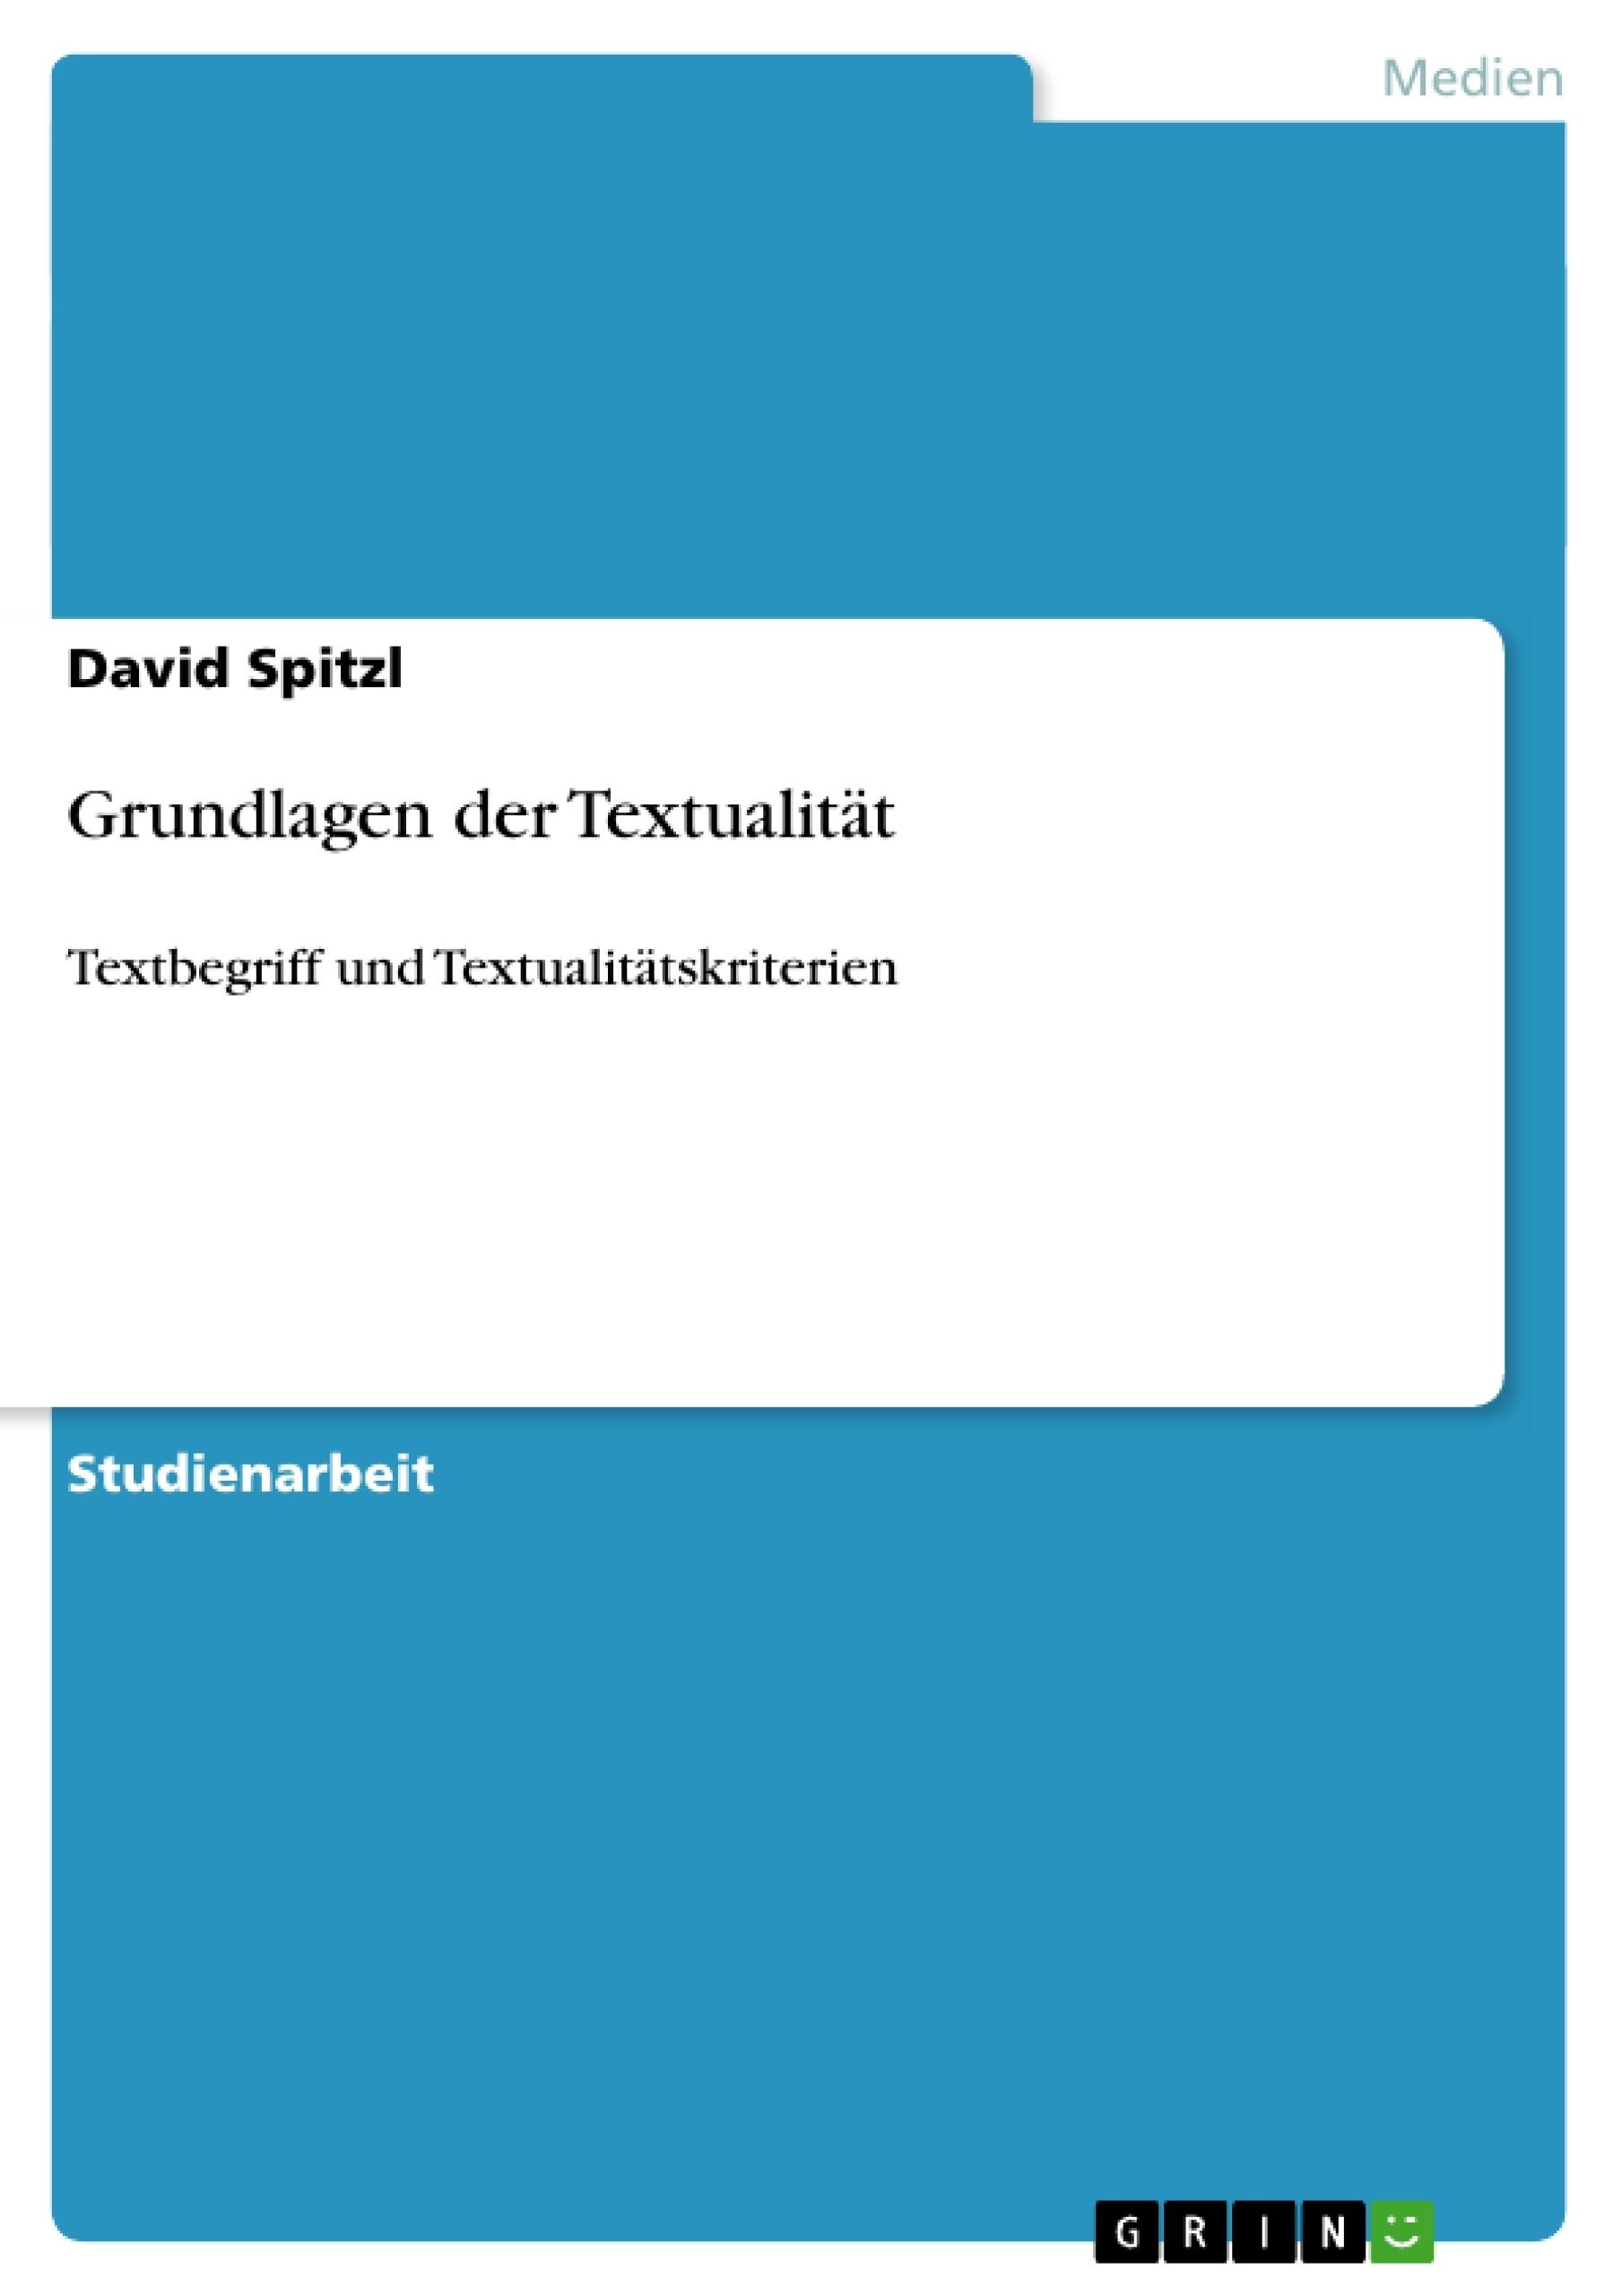 Titel: Grundlagen der Textualität